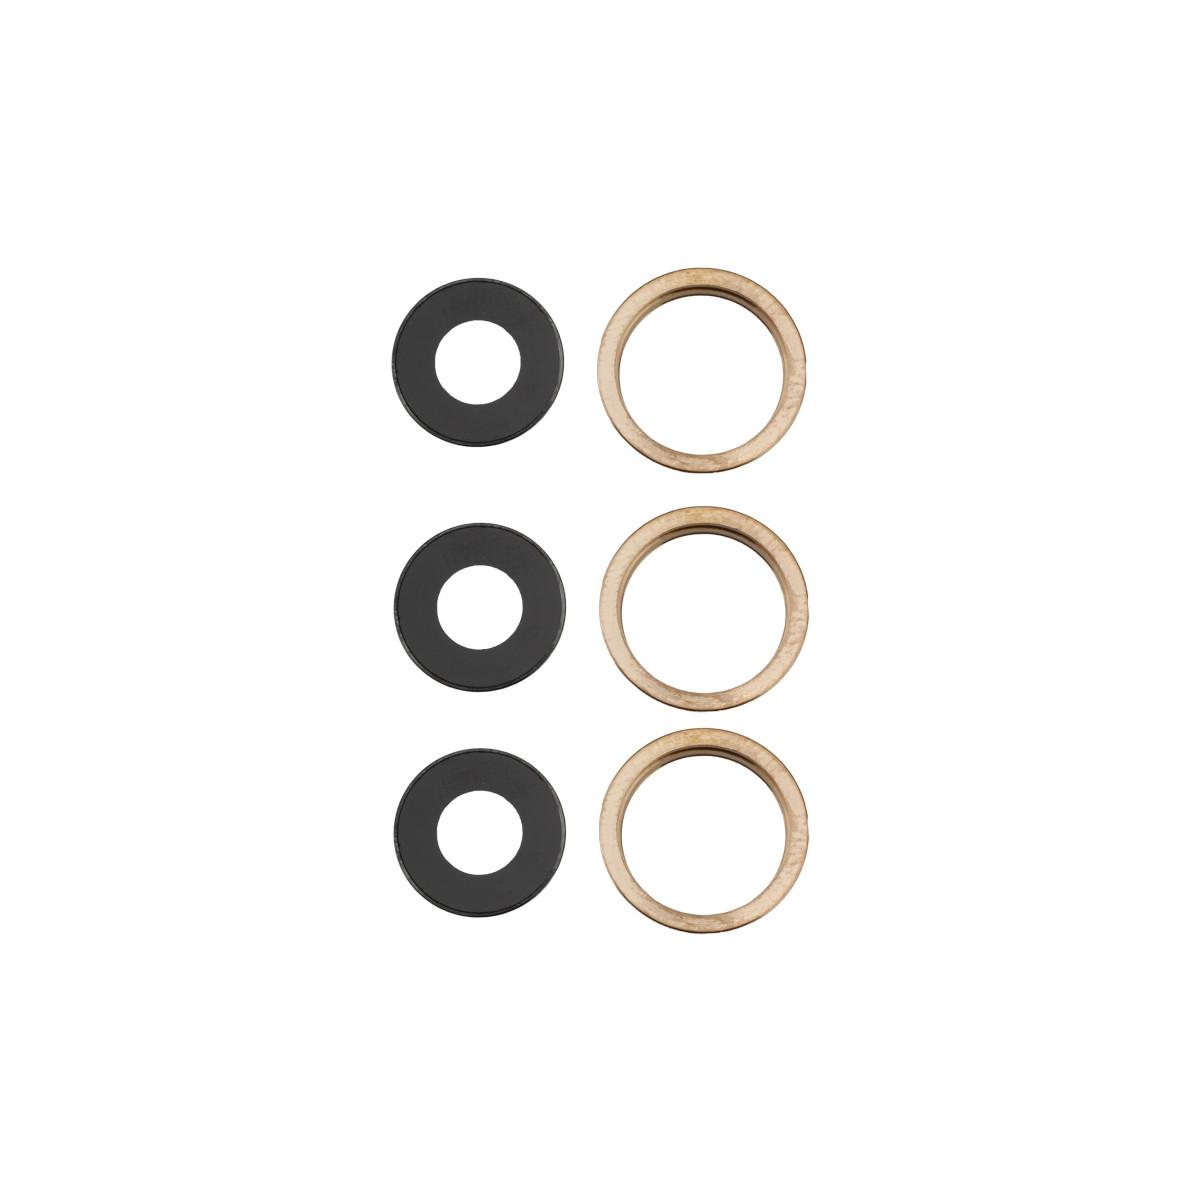 Apple Rücken- /Hauptkamera-Linsen und goldene Rahmen, passend für iPhone 11 Pro / 1...